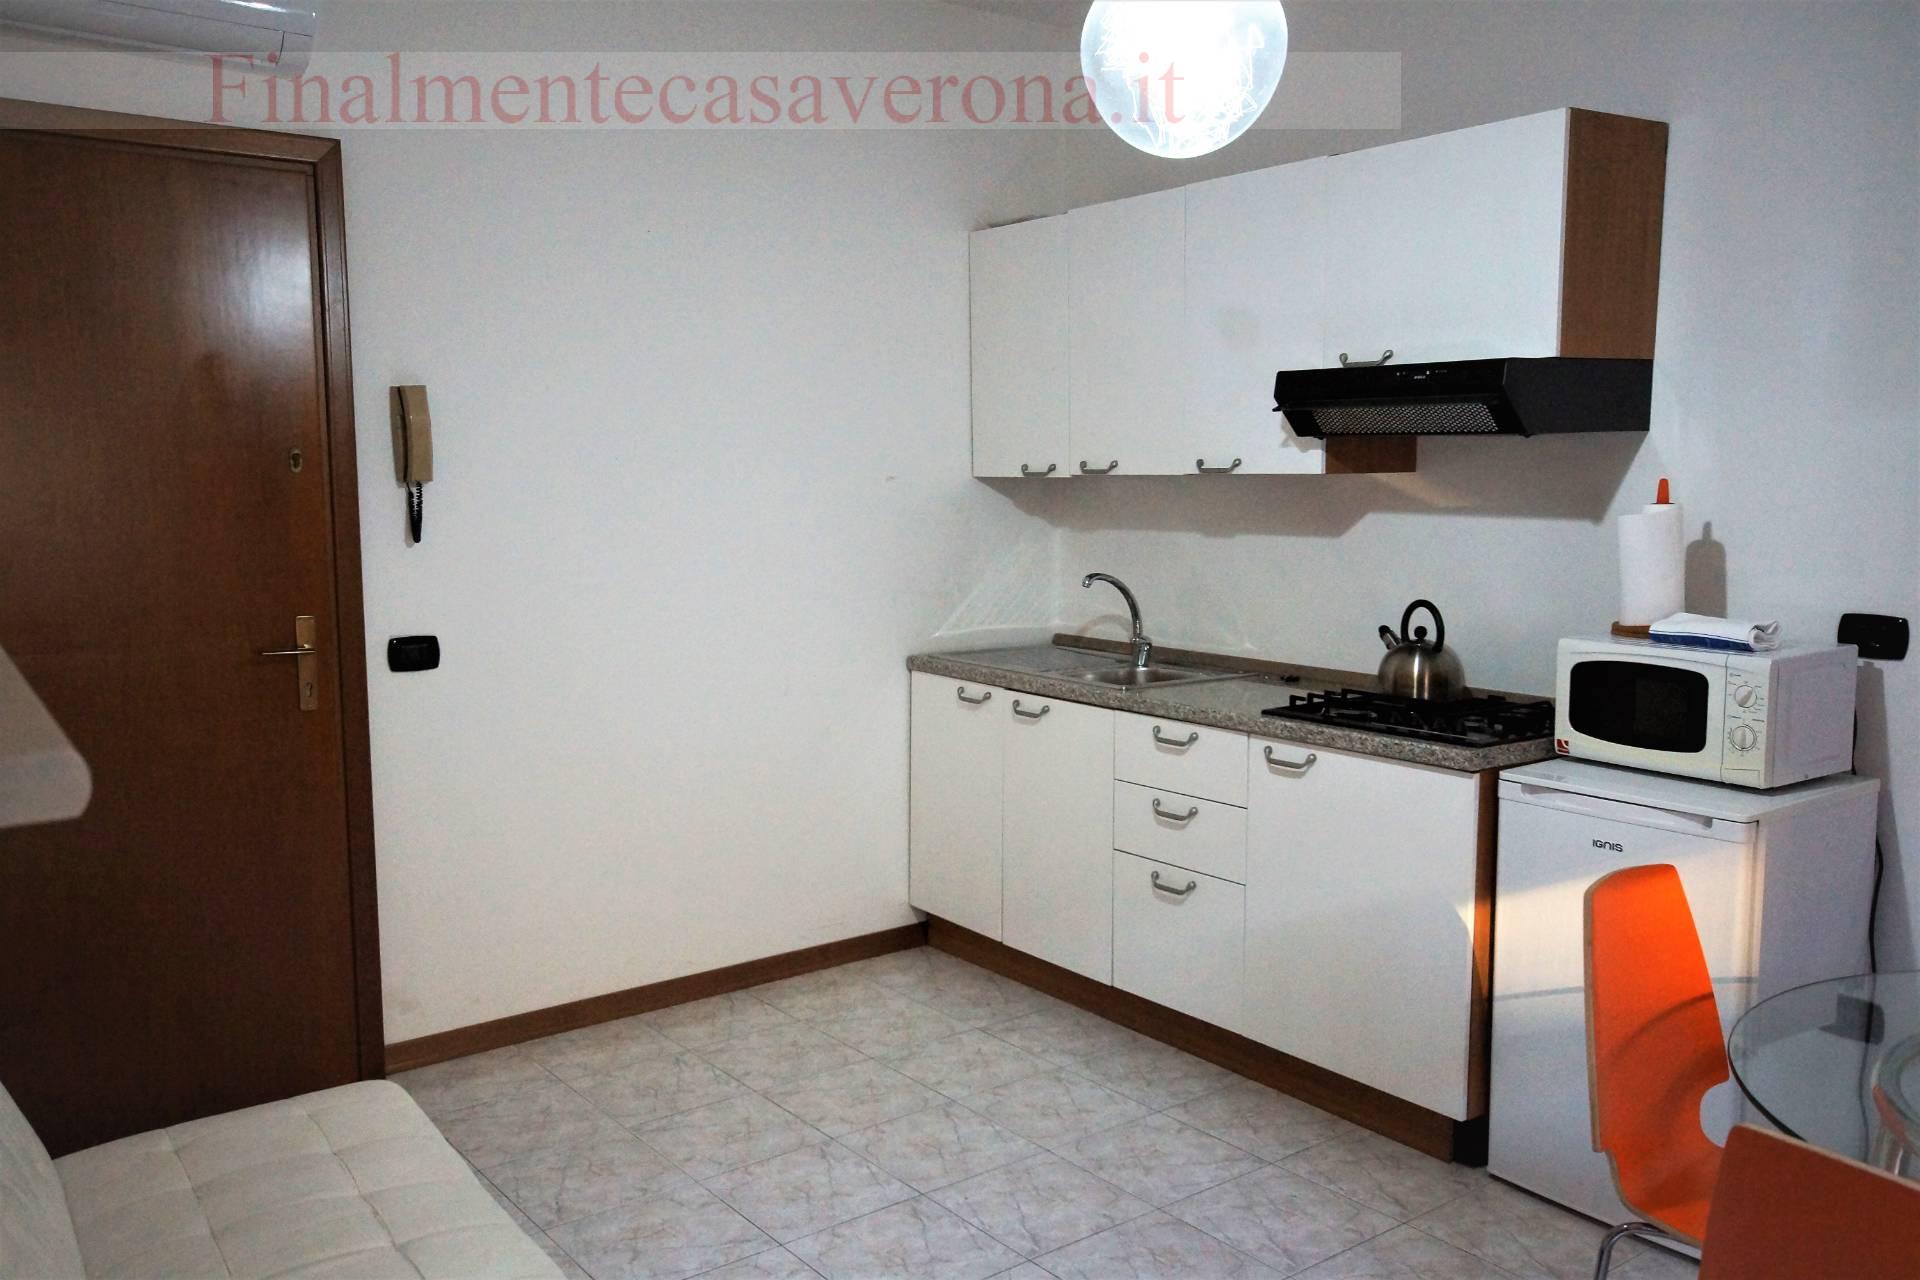 Appartamento in affitto a verona cod 96 for Affitto arredato verona